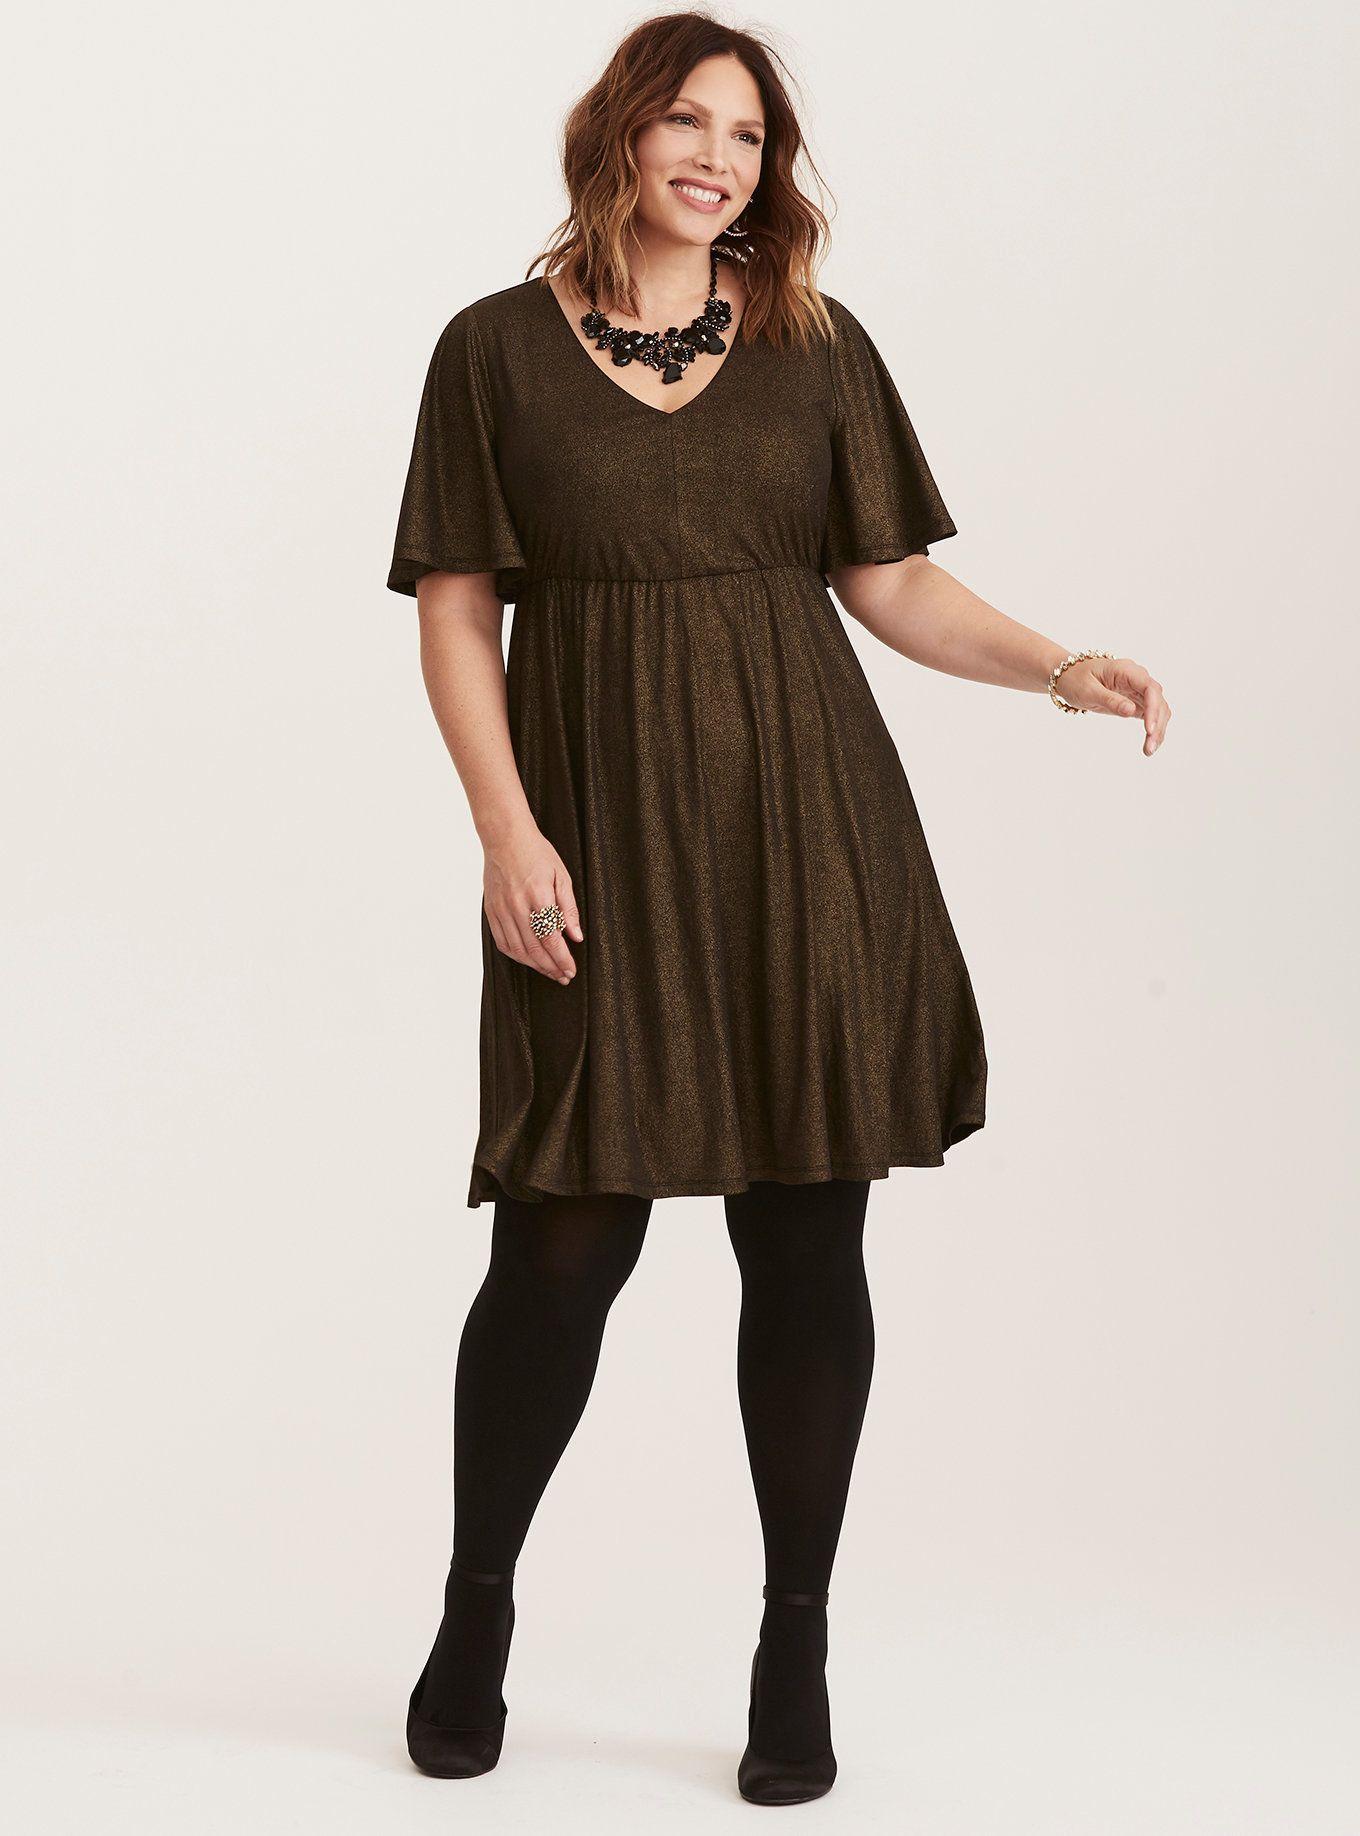 Gold Shimmer VNeck Skater Dress (With images) Plus size